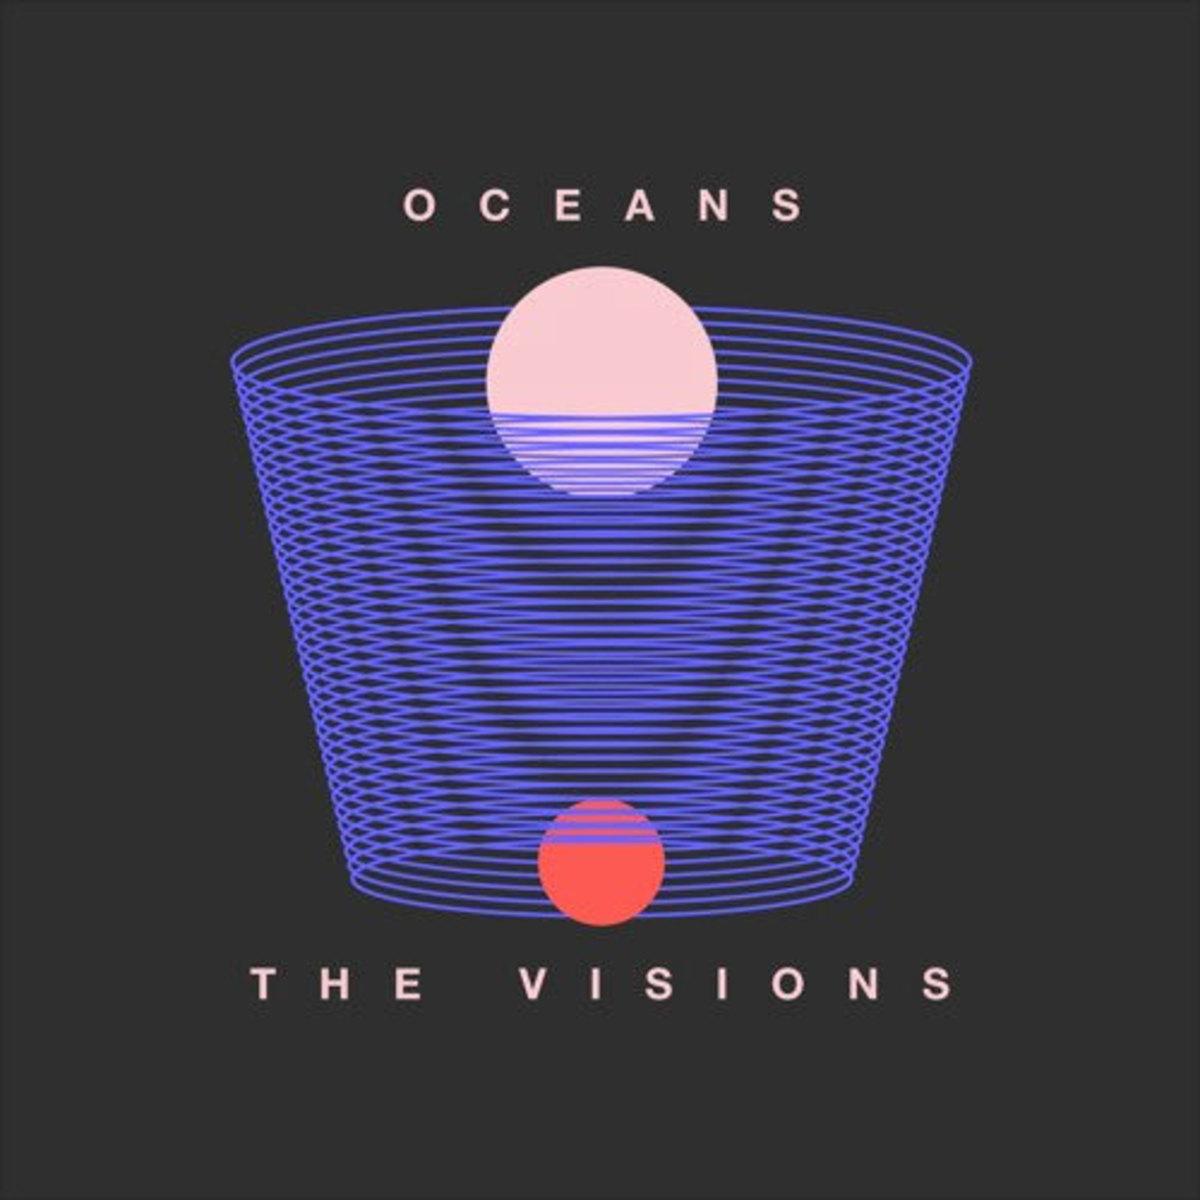 the-visions-oceans.jpg